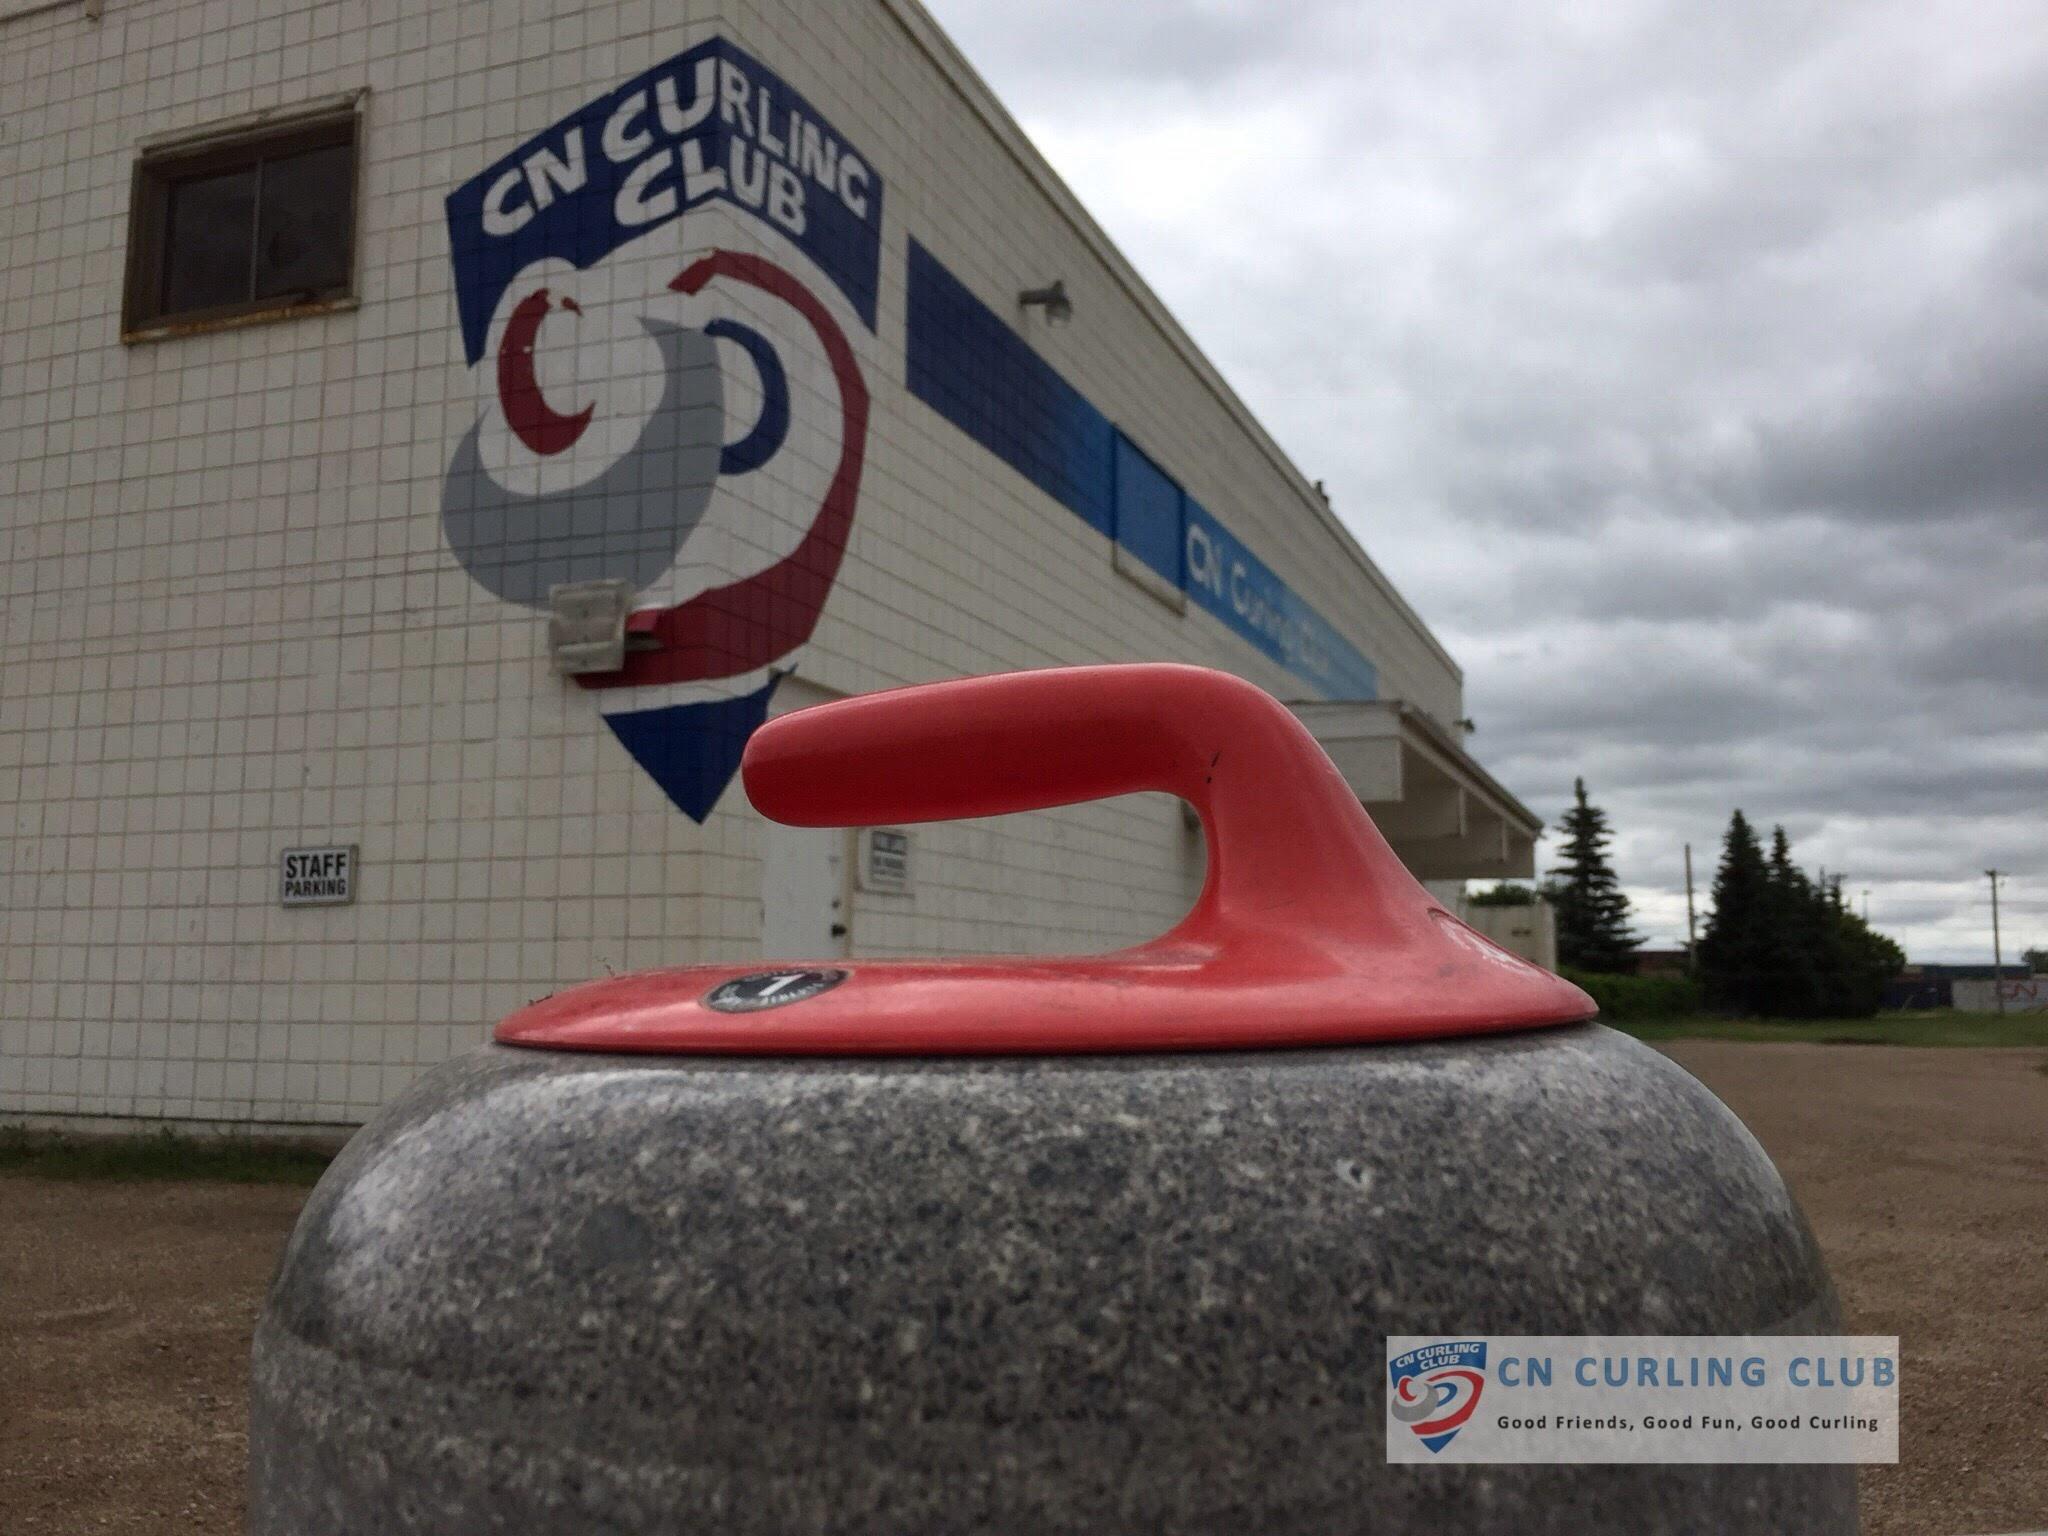 CN Curling Club (5)